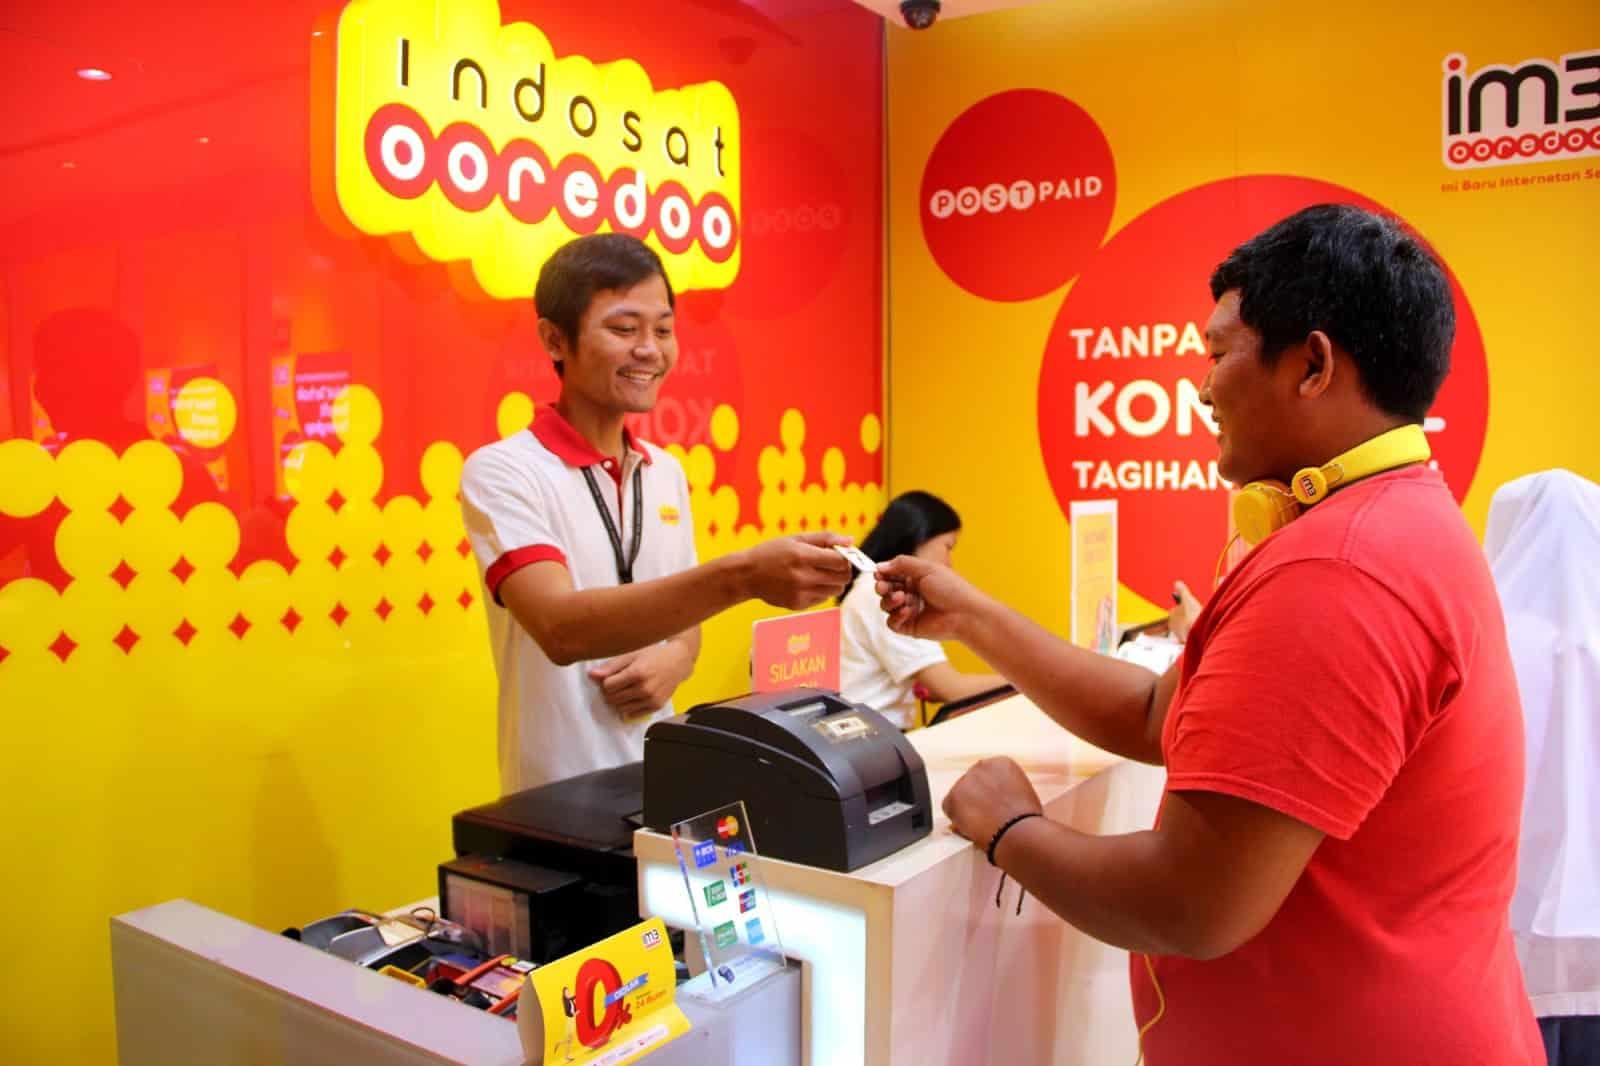 Konsultasikan-Kebutuhan-Anda-Pada-CS-Indosat